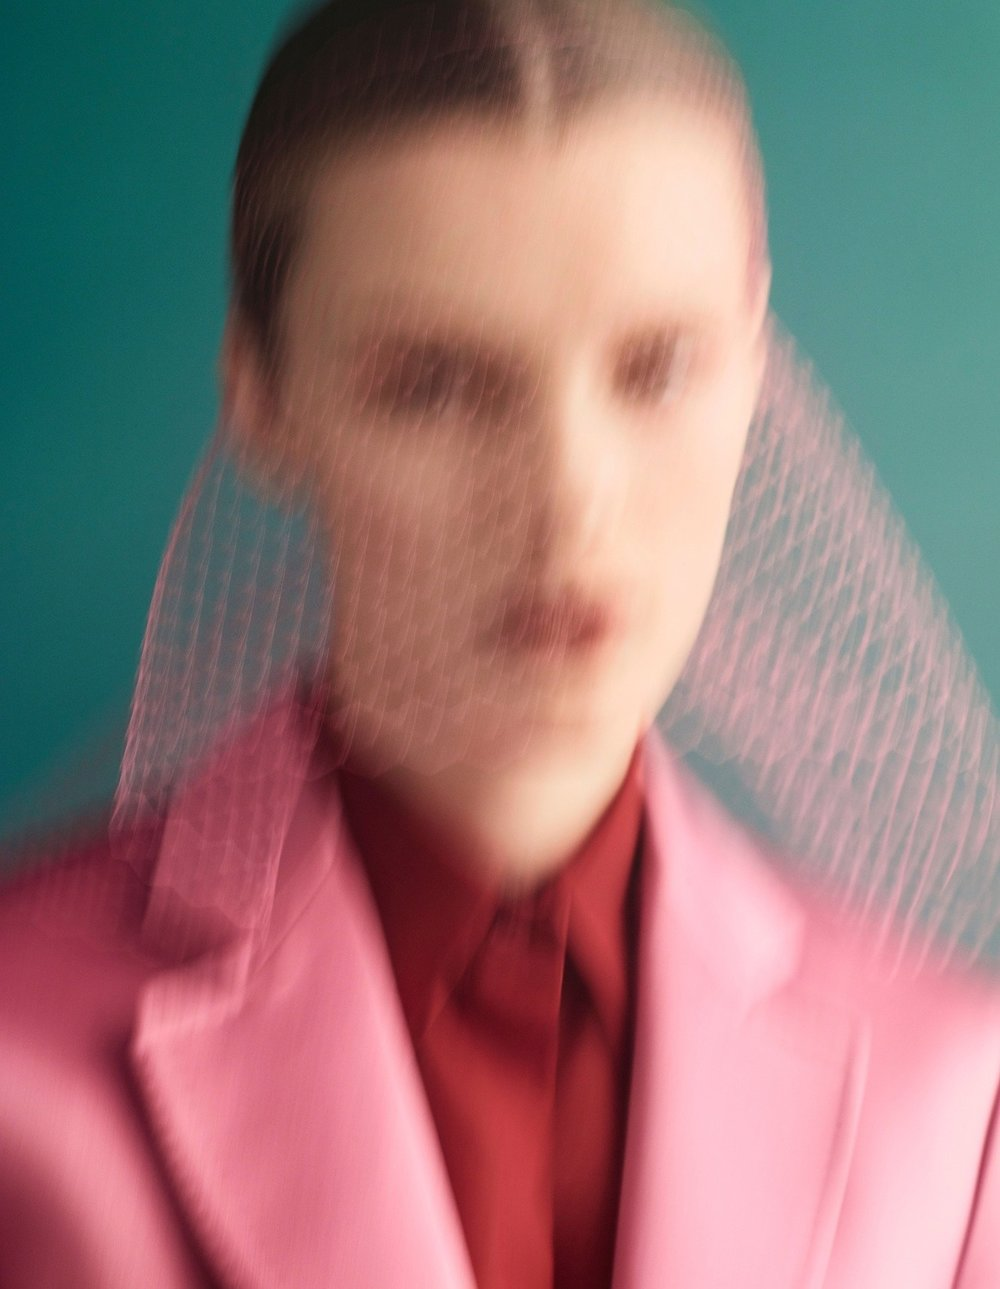 Kris Grikaite by Solve Sundsbo for Vogue China Jan 2019 (1).jpg